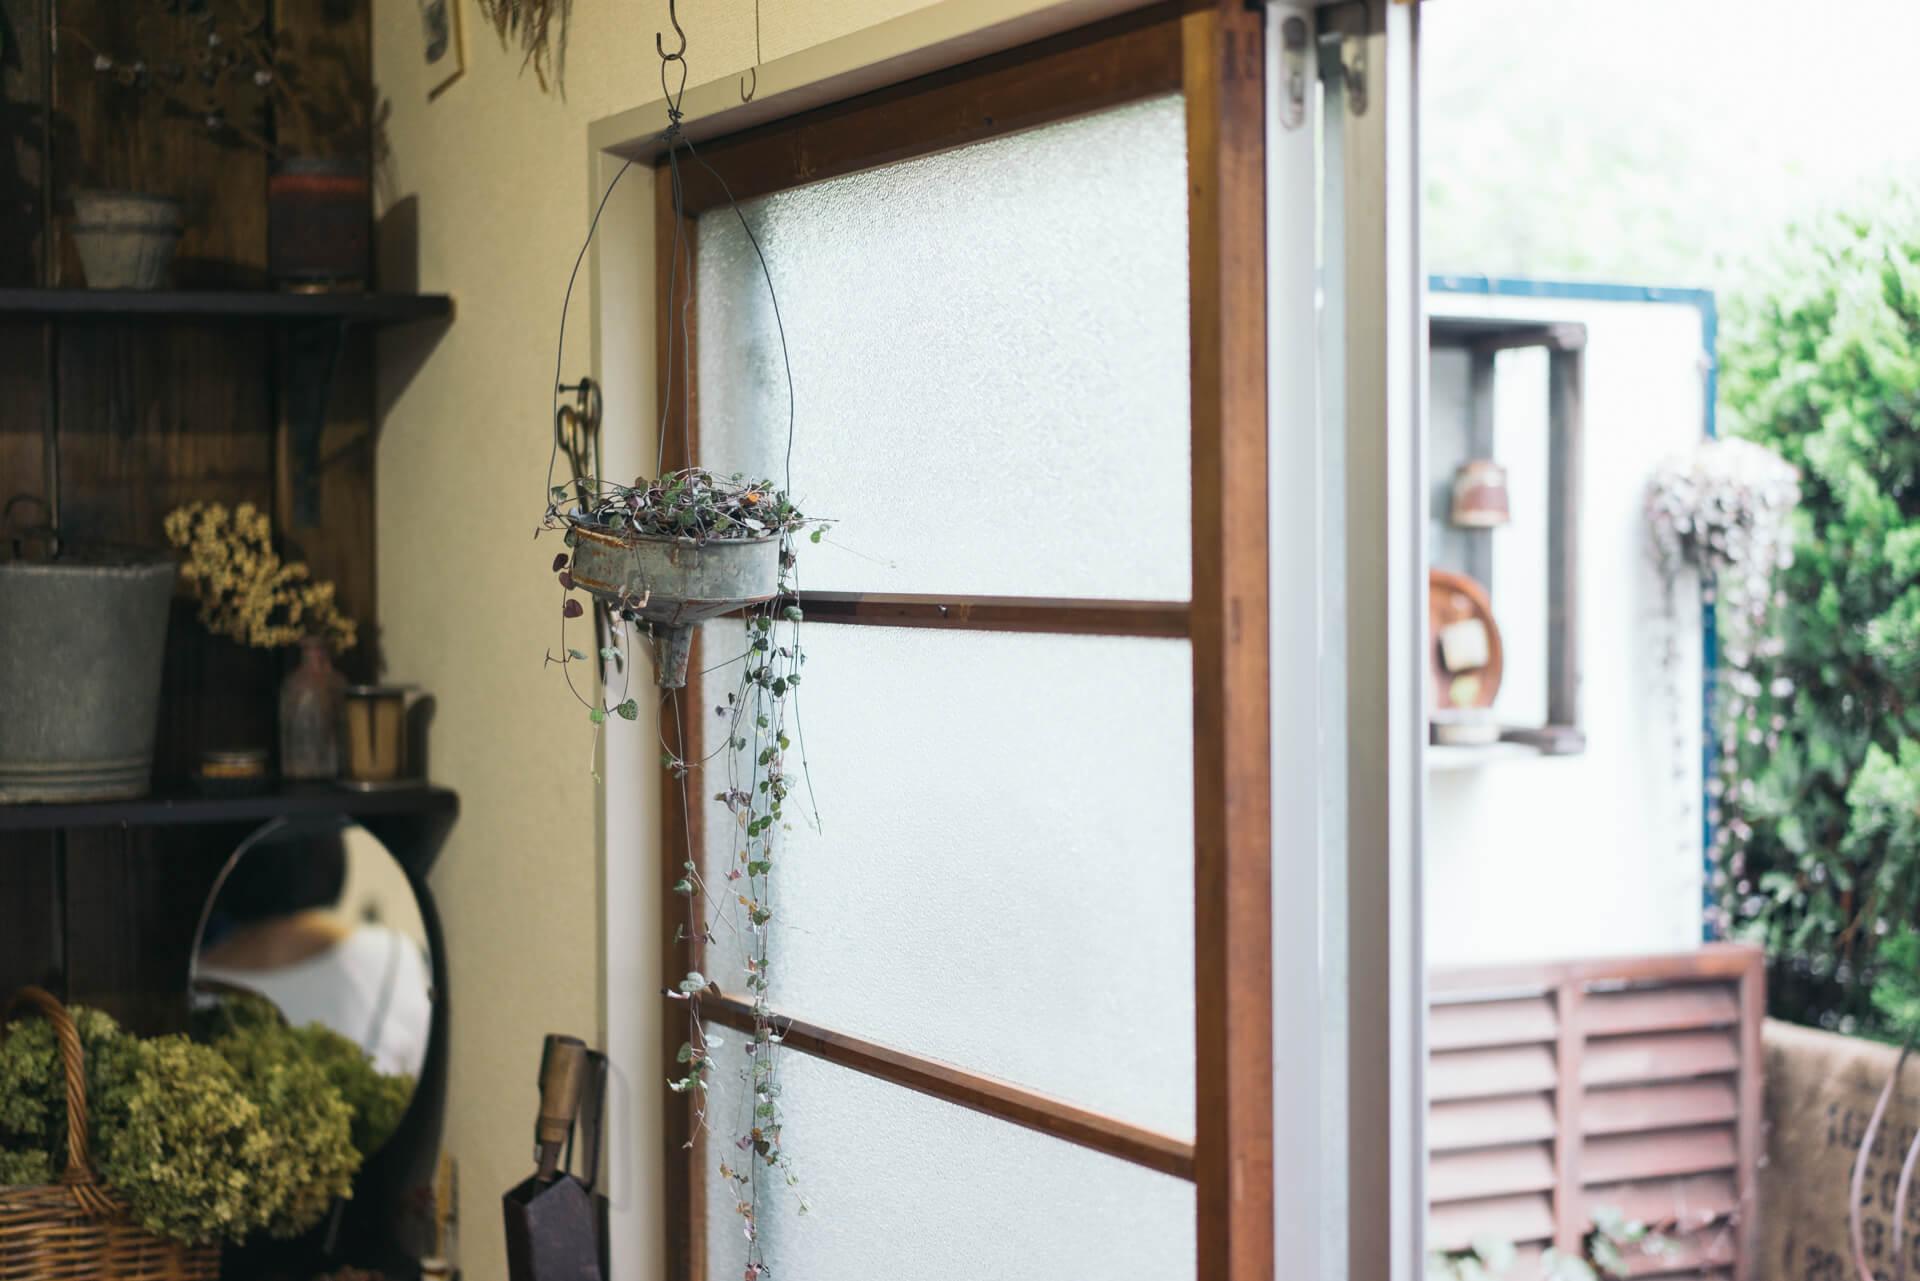 窓際には、カーテンの代わりに古い木のドアを元々のアルミサッシを隠すように配置。下にはレンガを置いて高さを微調整しつつ、ベンチを手前に置くことで足元を固定しています。